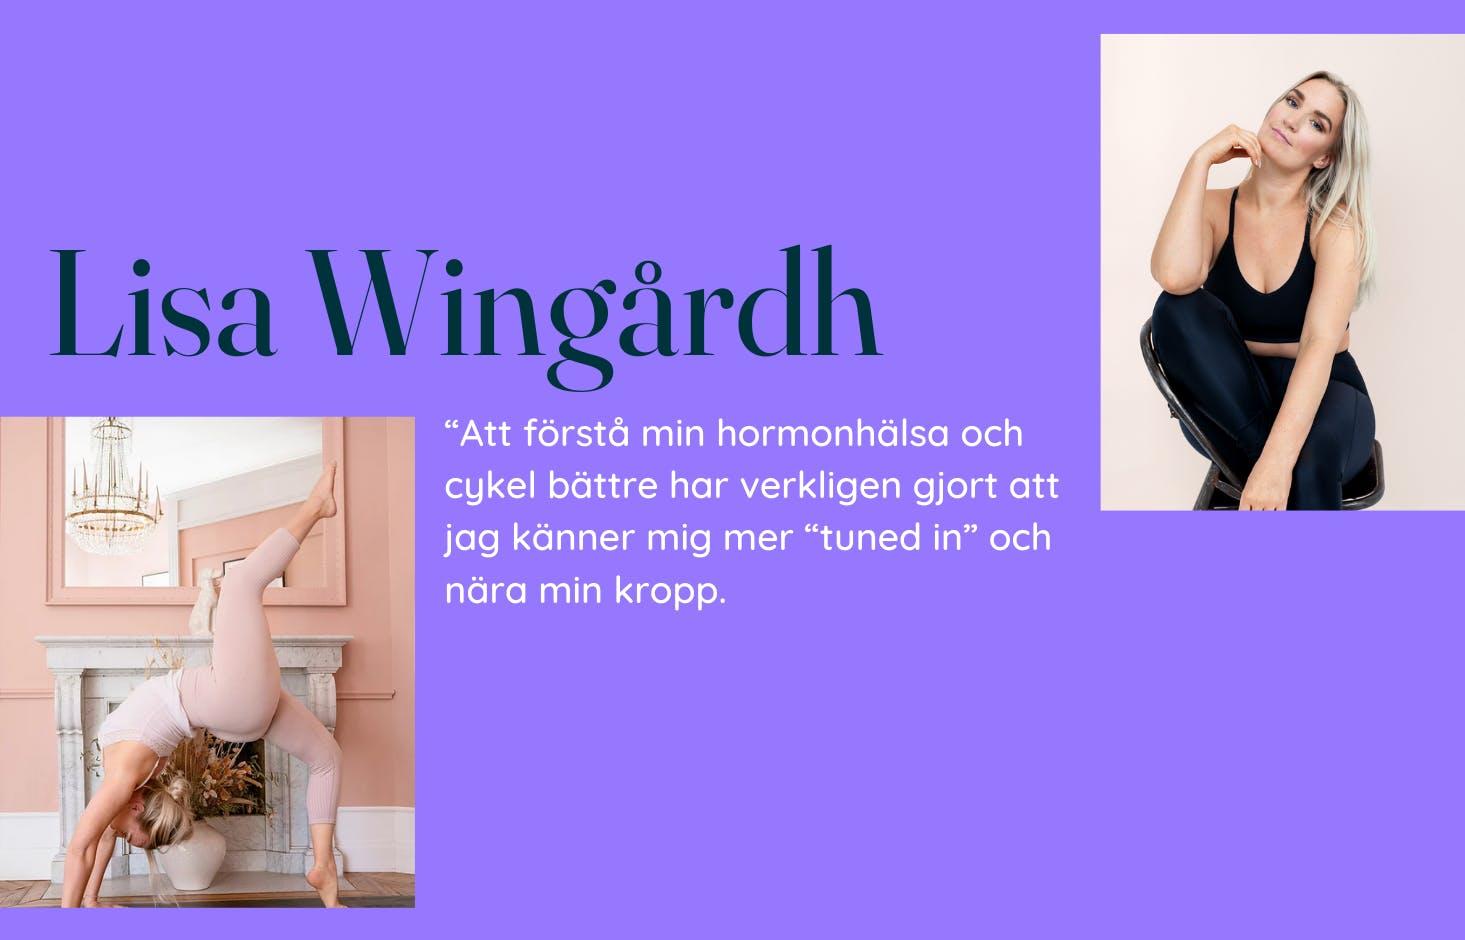 Bilder på Lisa Wingårdh och citat mot lila bakgrund.